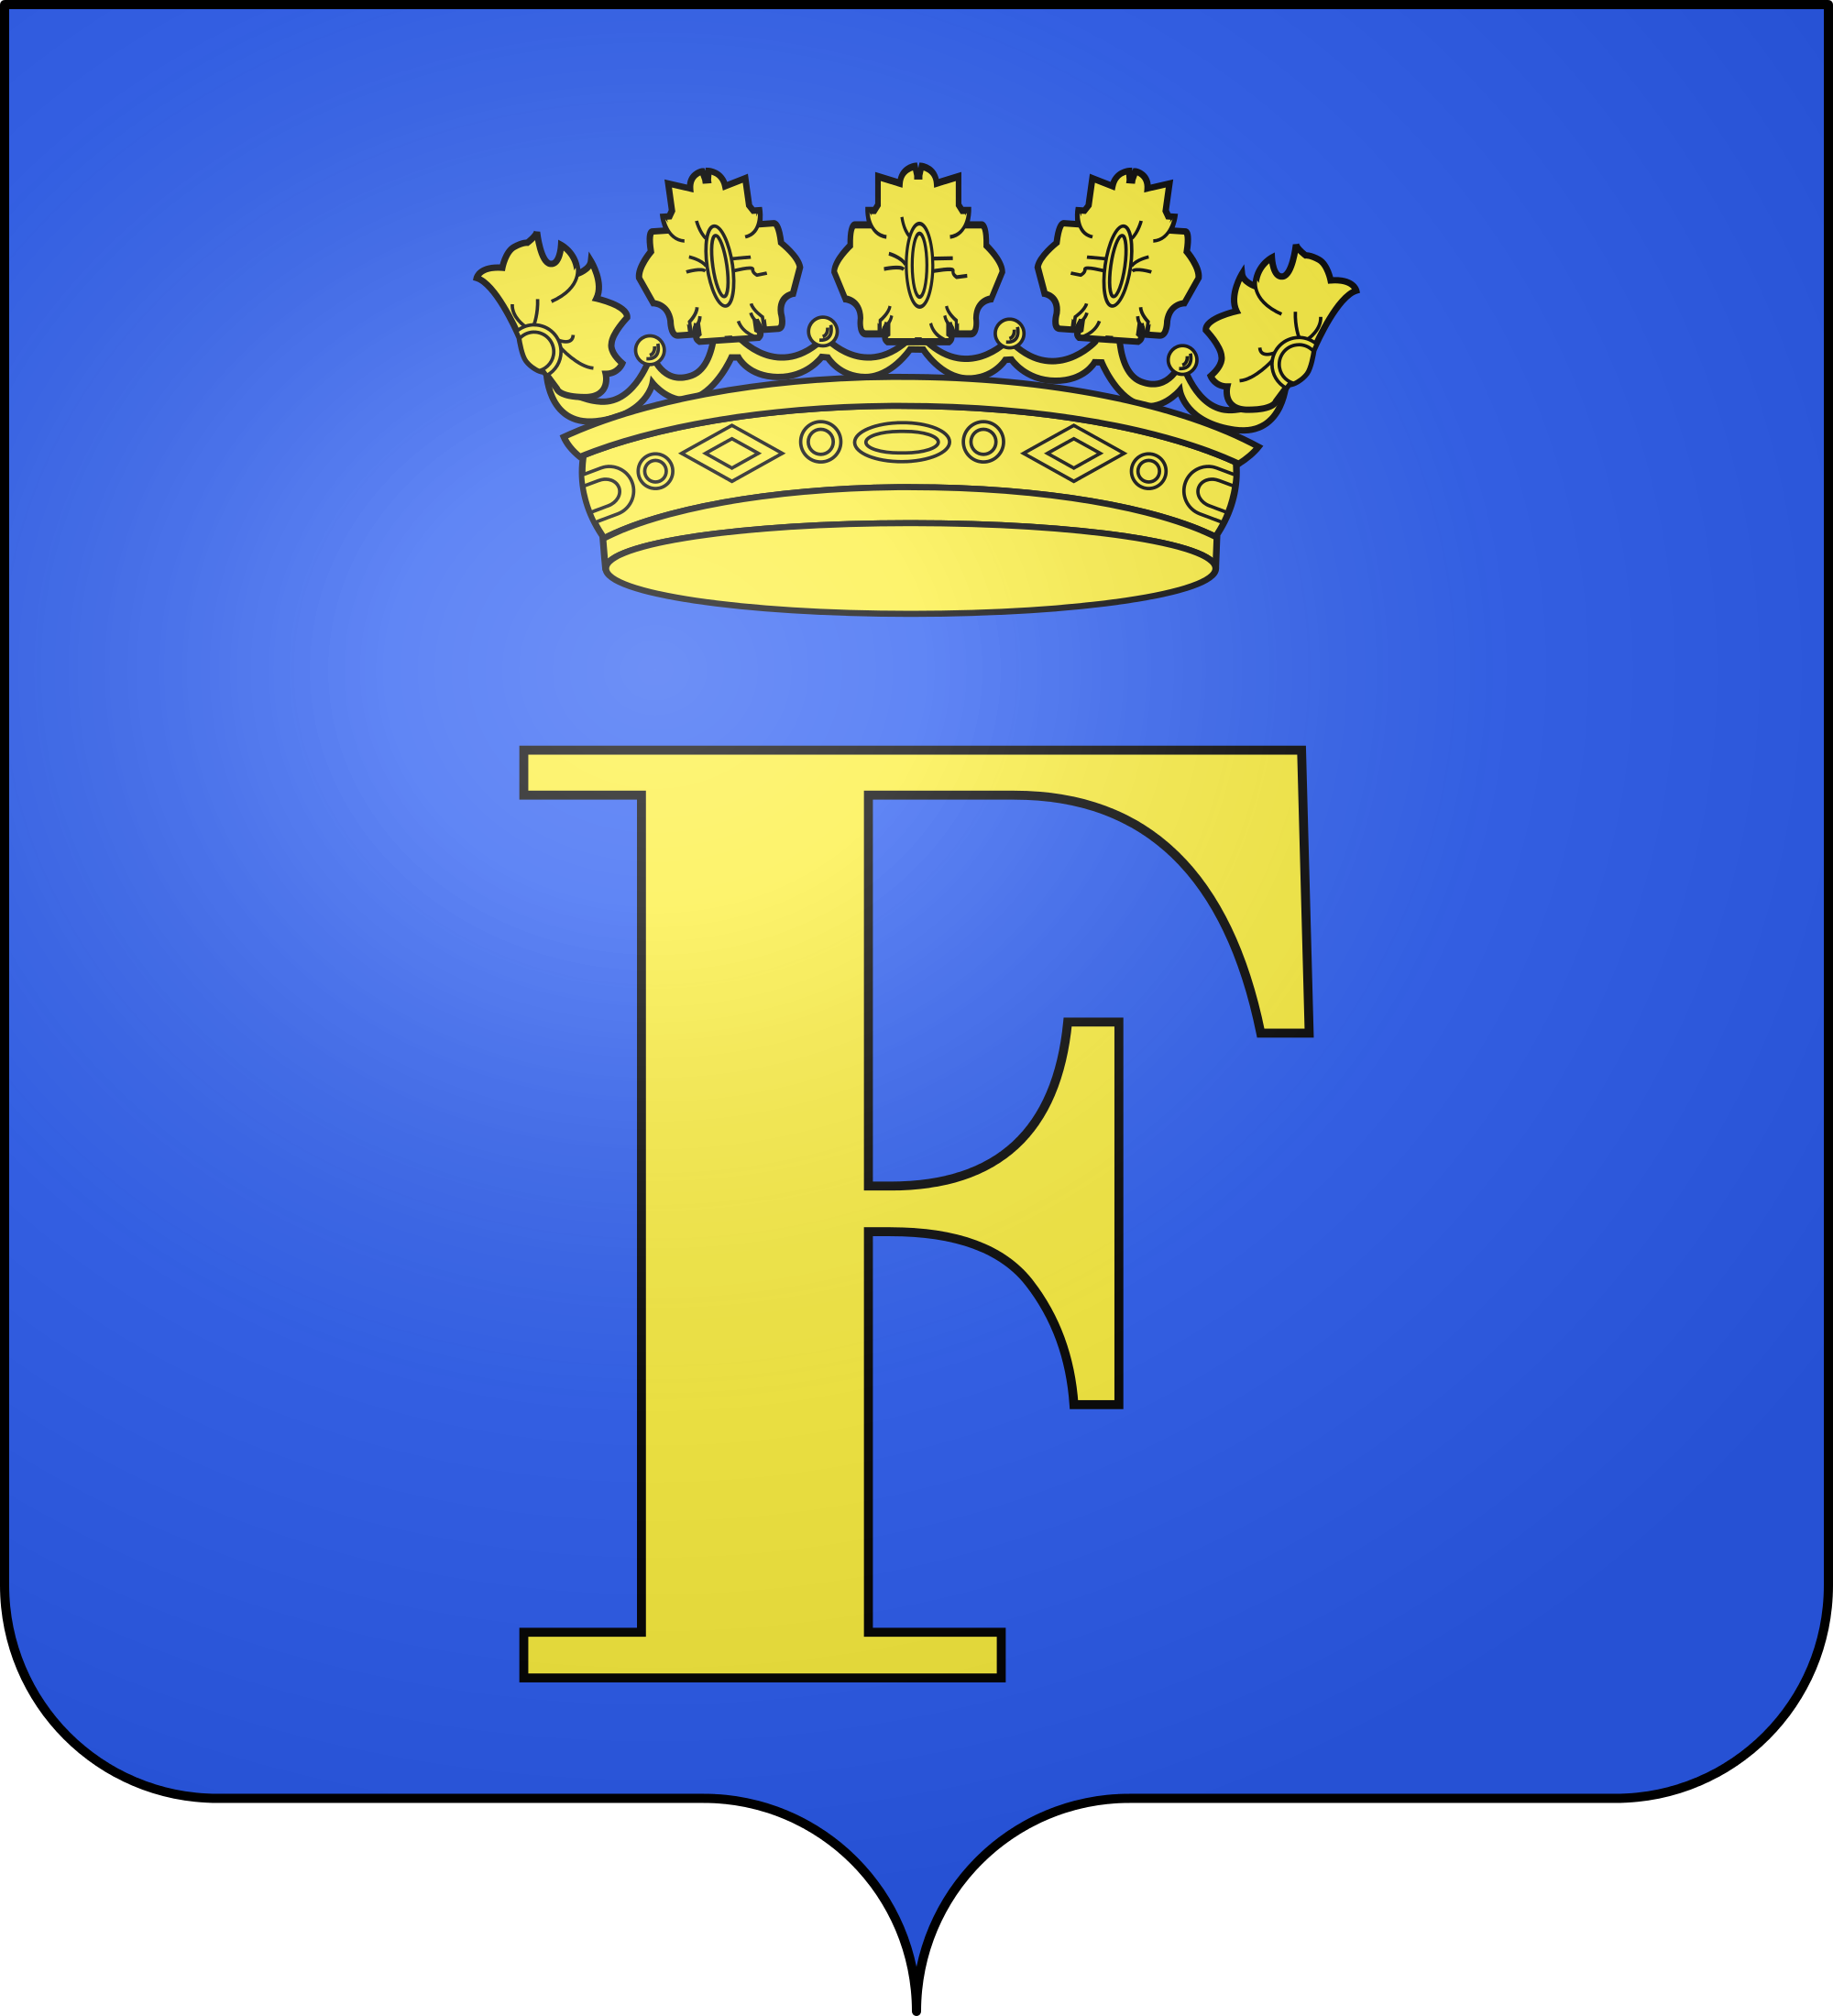 Wappen von Flavigny-sur-Ozerain